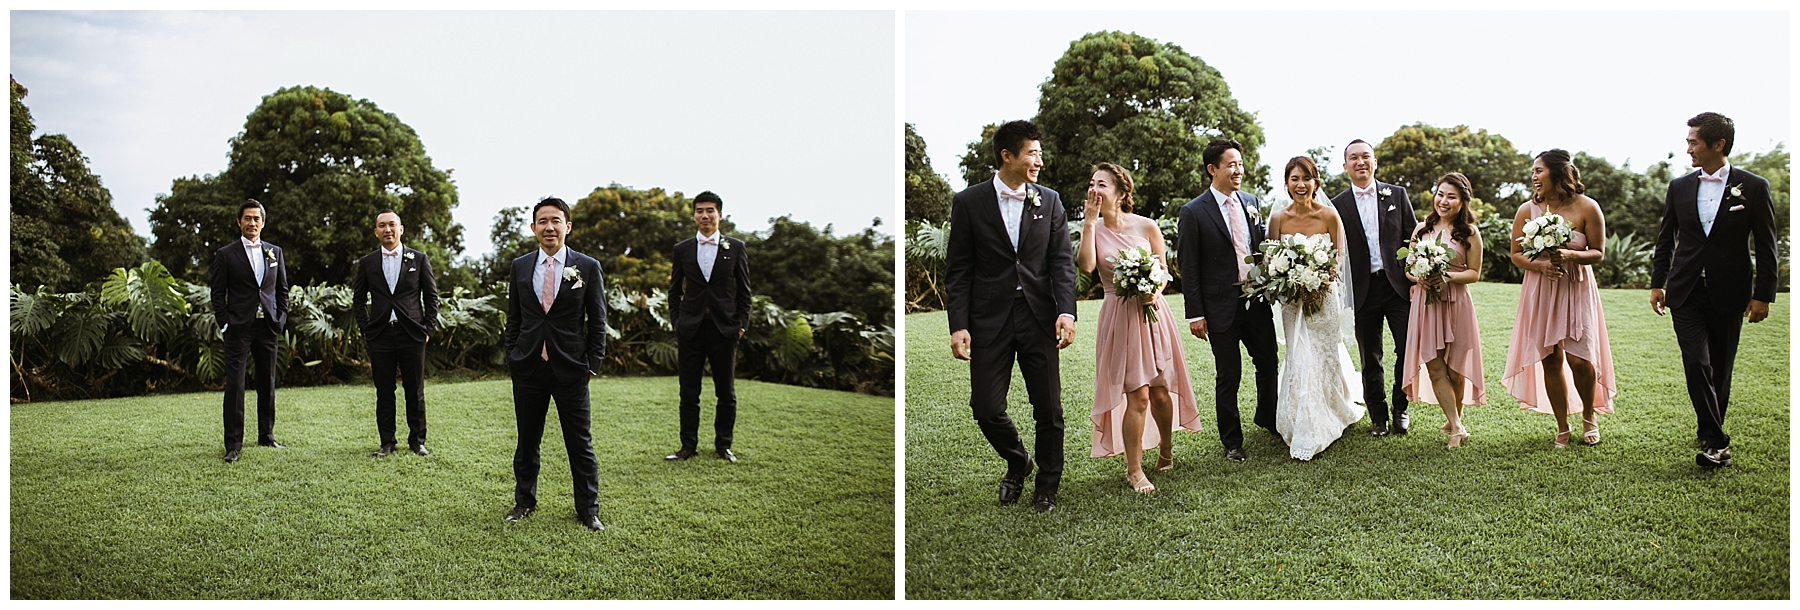 Bliss in Bloom Kailua Kona Hawaii Wedding Event Coordination_0066.jpg